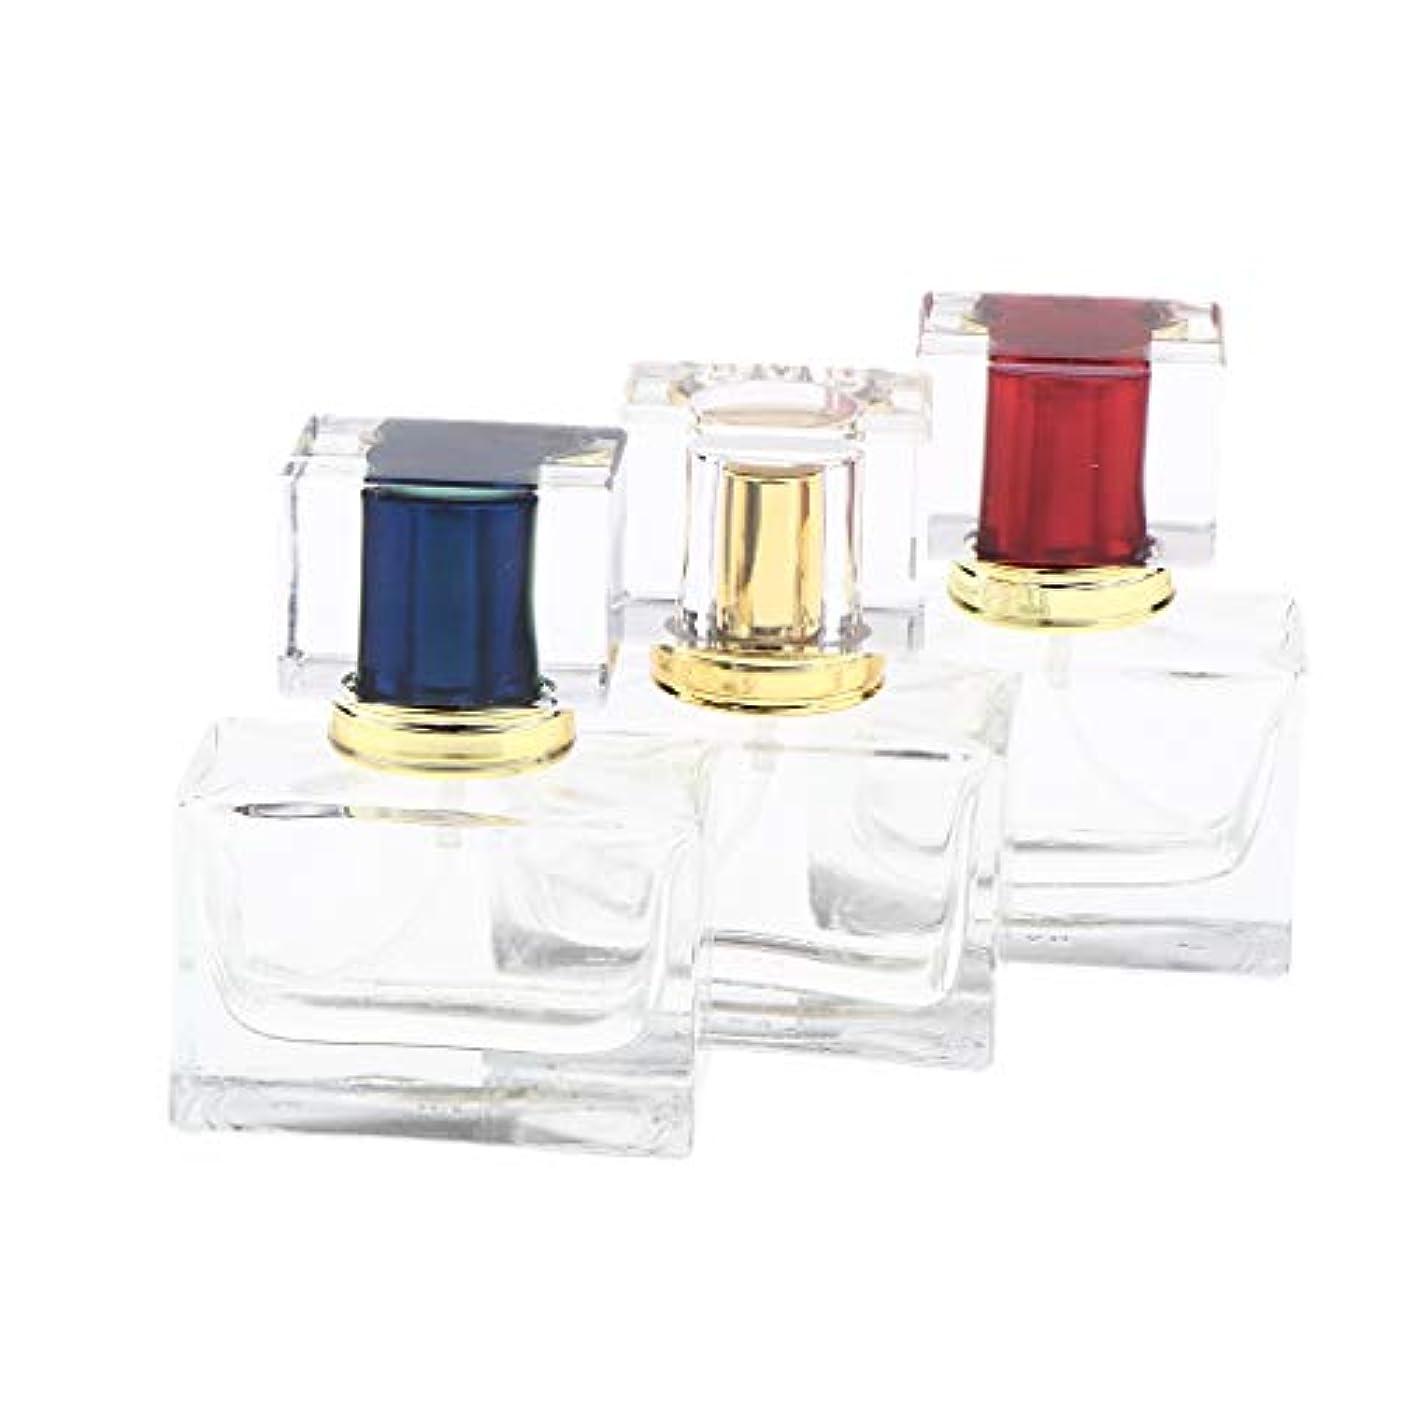 ケーブルカー書き出す義務DYNWAVE 香水アトマイザー スプレーボトル 詰め替え容器 香水瓶 小型 旅行 持ち運び ロック可能 30ML